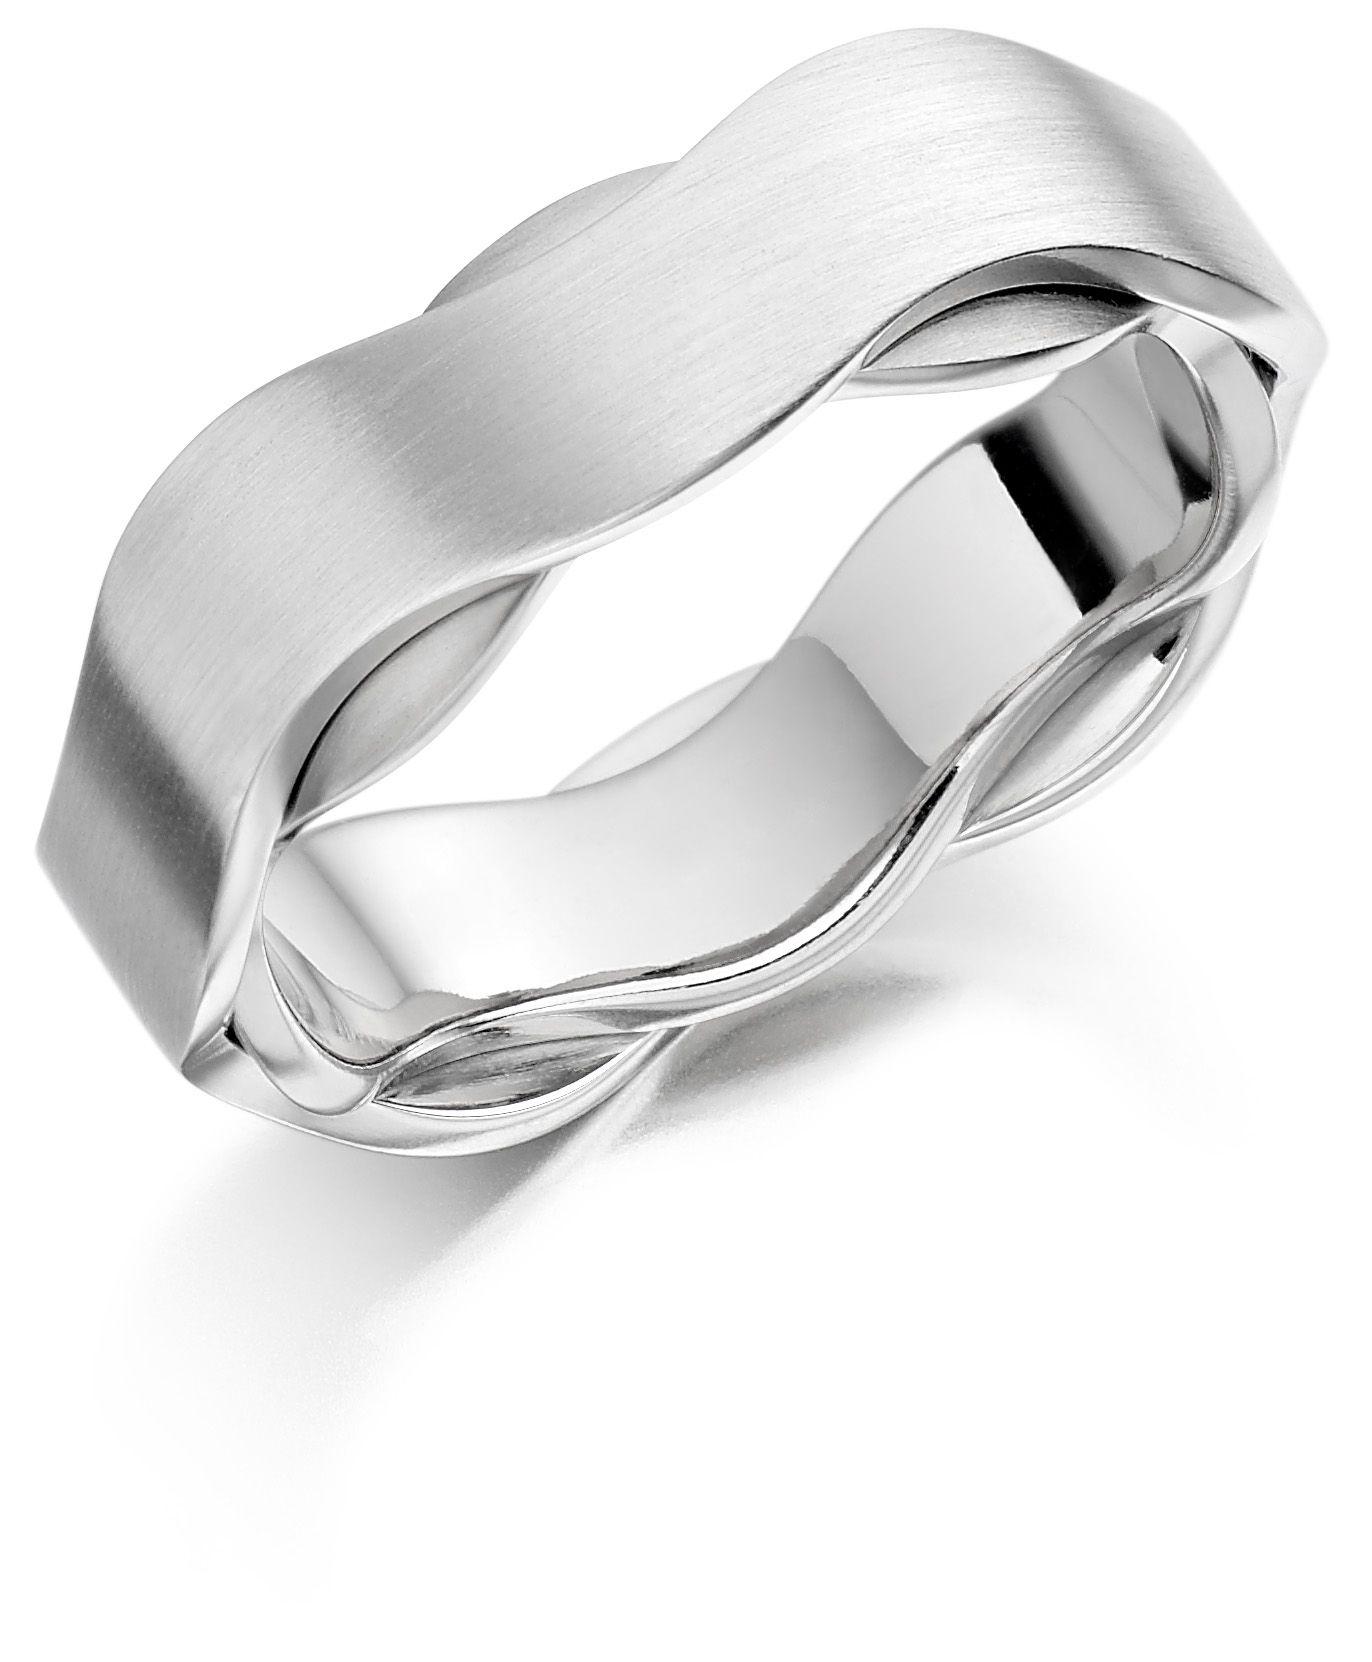 Platinum 18ct white gold 65mm Iniga wedding ring Hatton garden